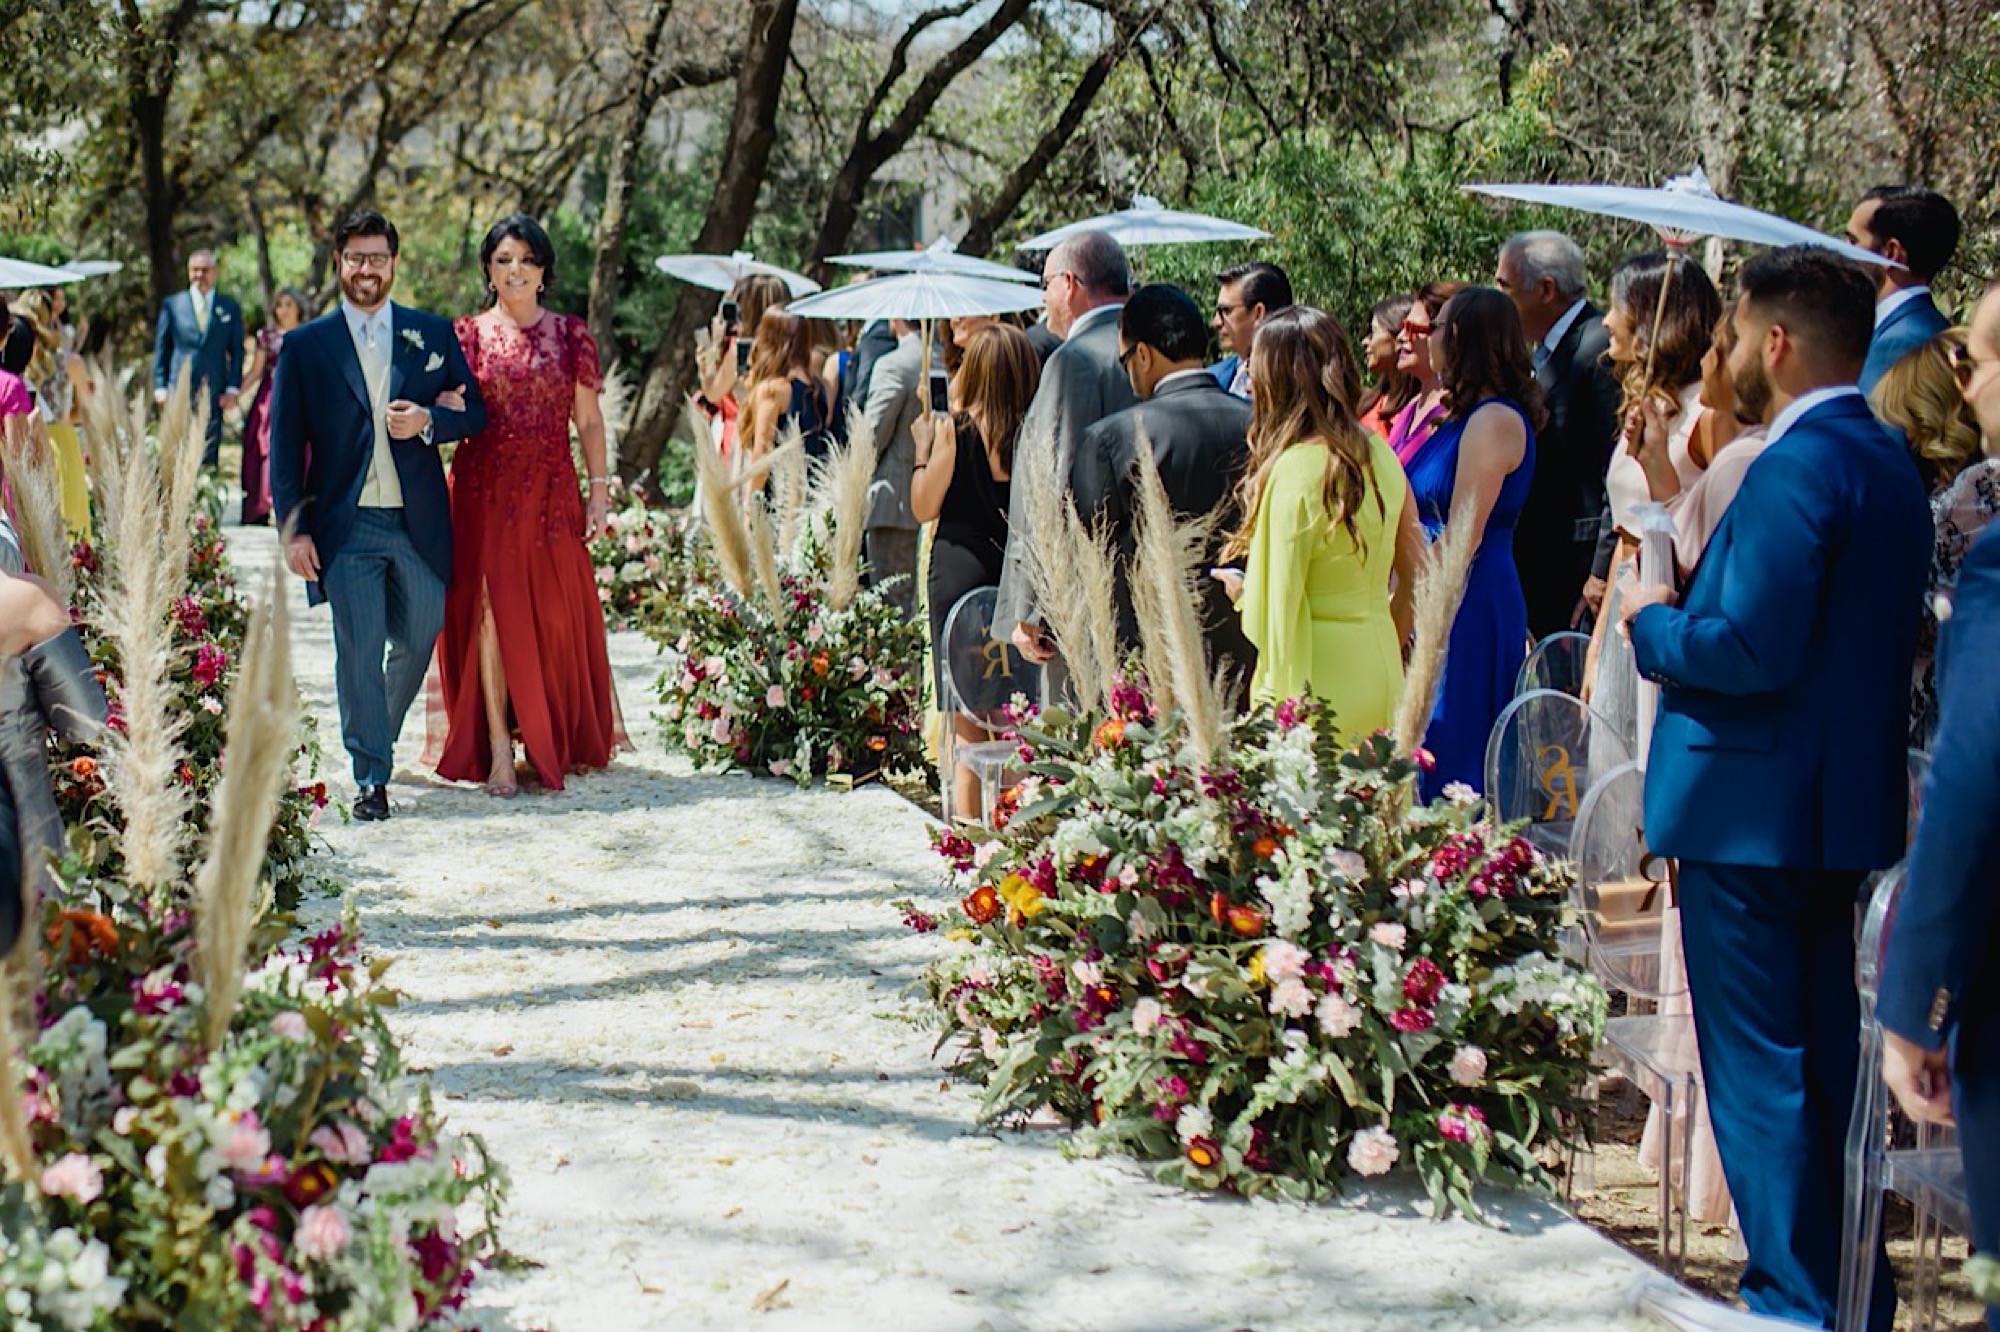 jardin de bodas en cdmx